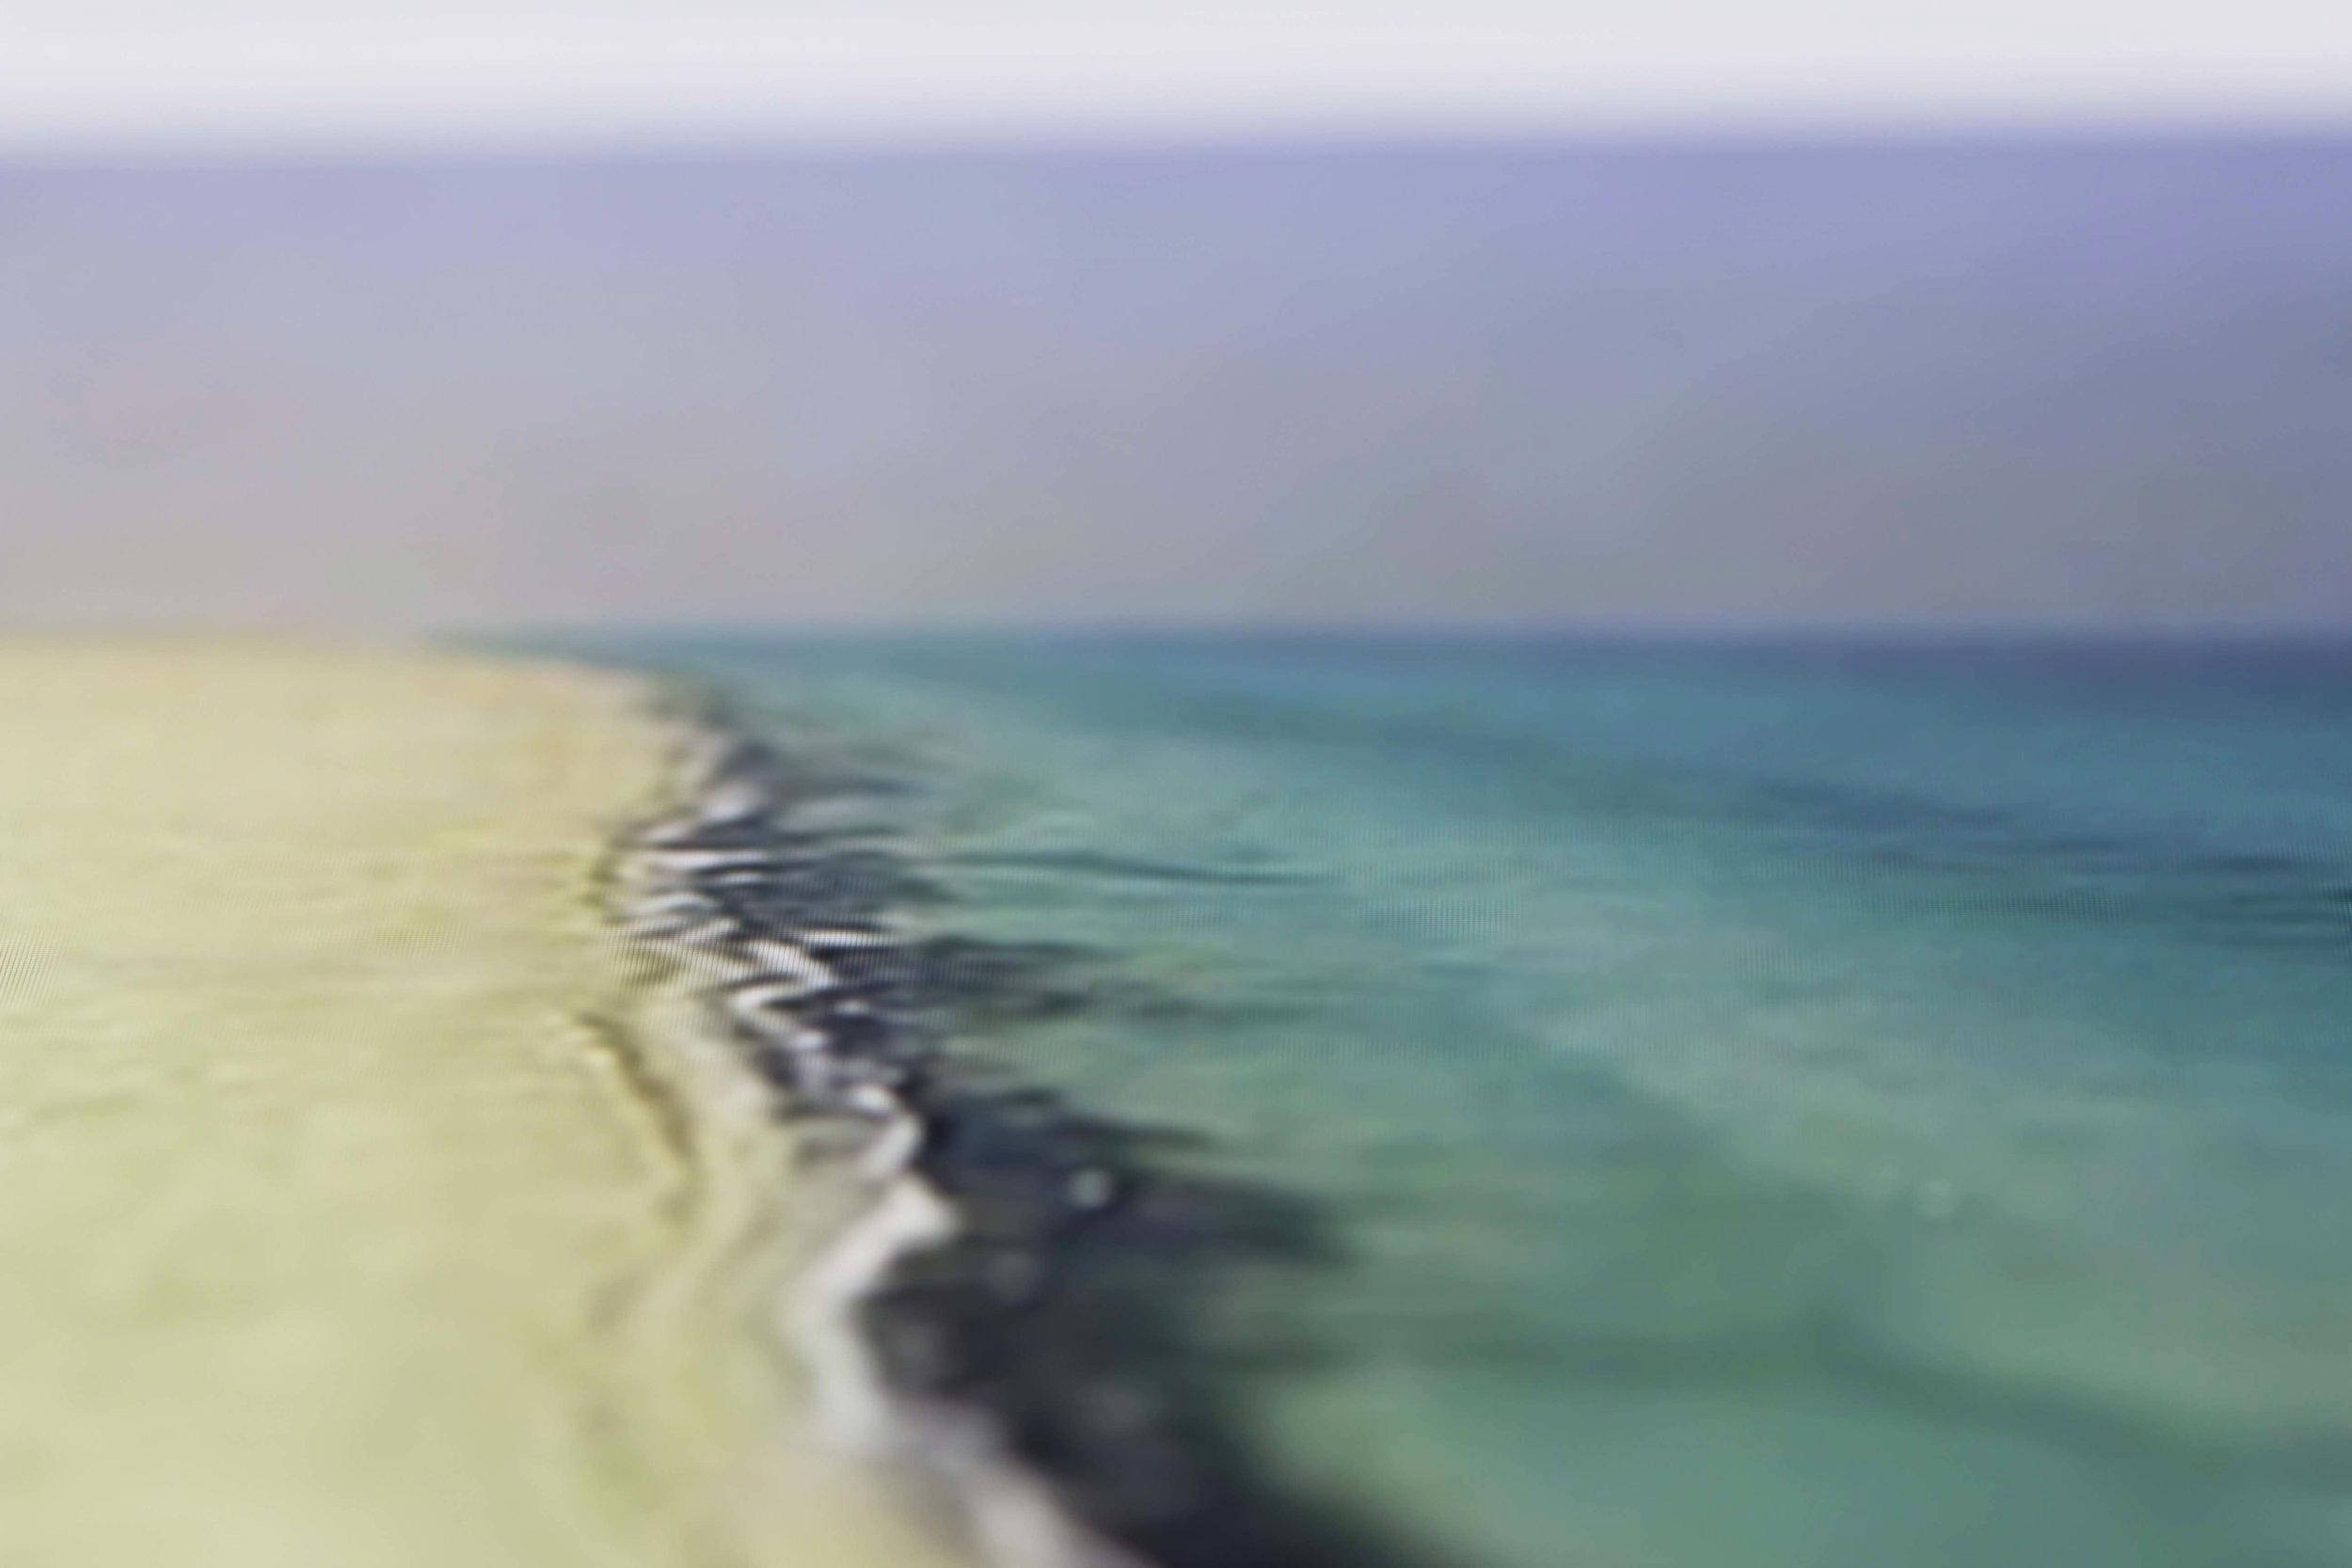 Zuwara, Libya by Mindy Stricke